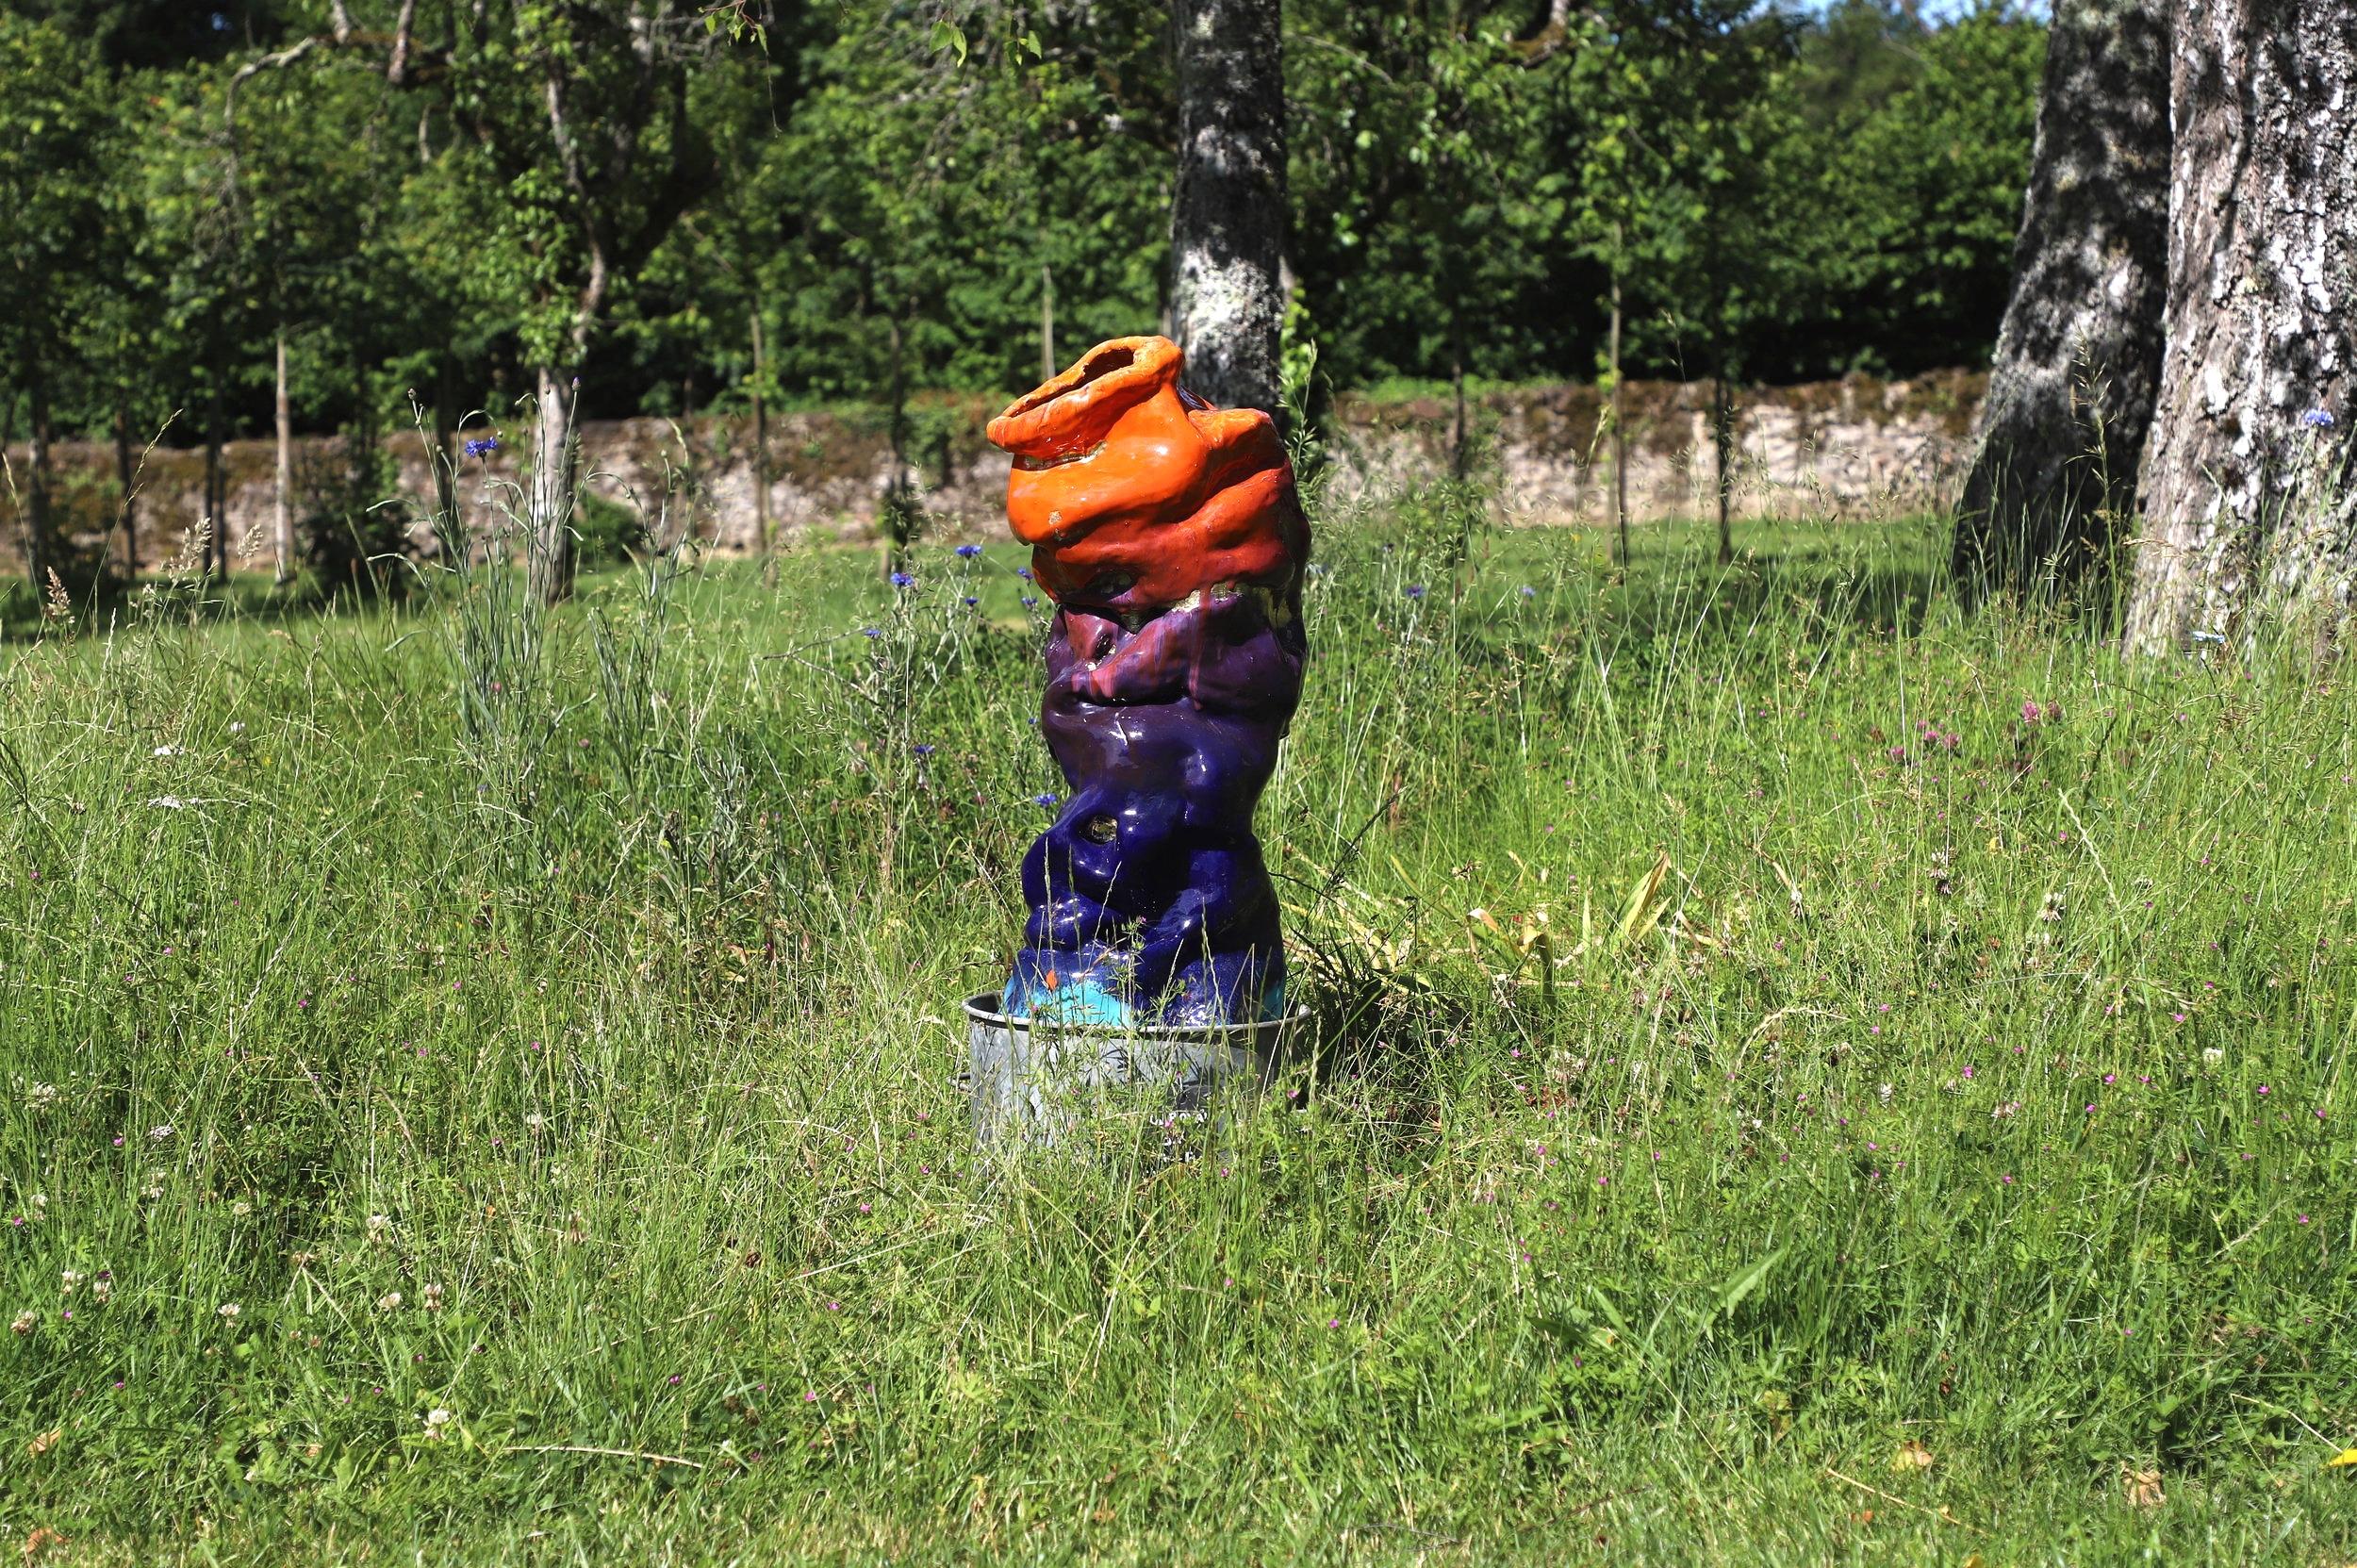 Le Boyau à Maleville… - A l'occasion des Rendez vous aux jardins, Bernard Bachelier ouvre sa collection particulière du 7 au 9 juin au Domaine de Bassinet 12350 Maleville.